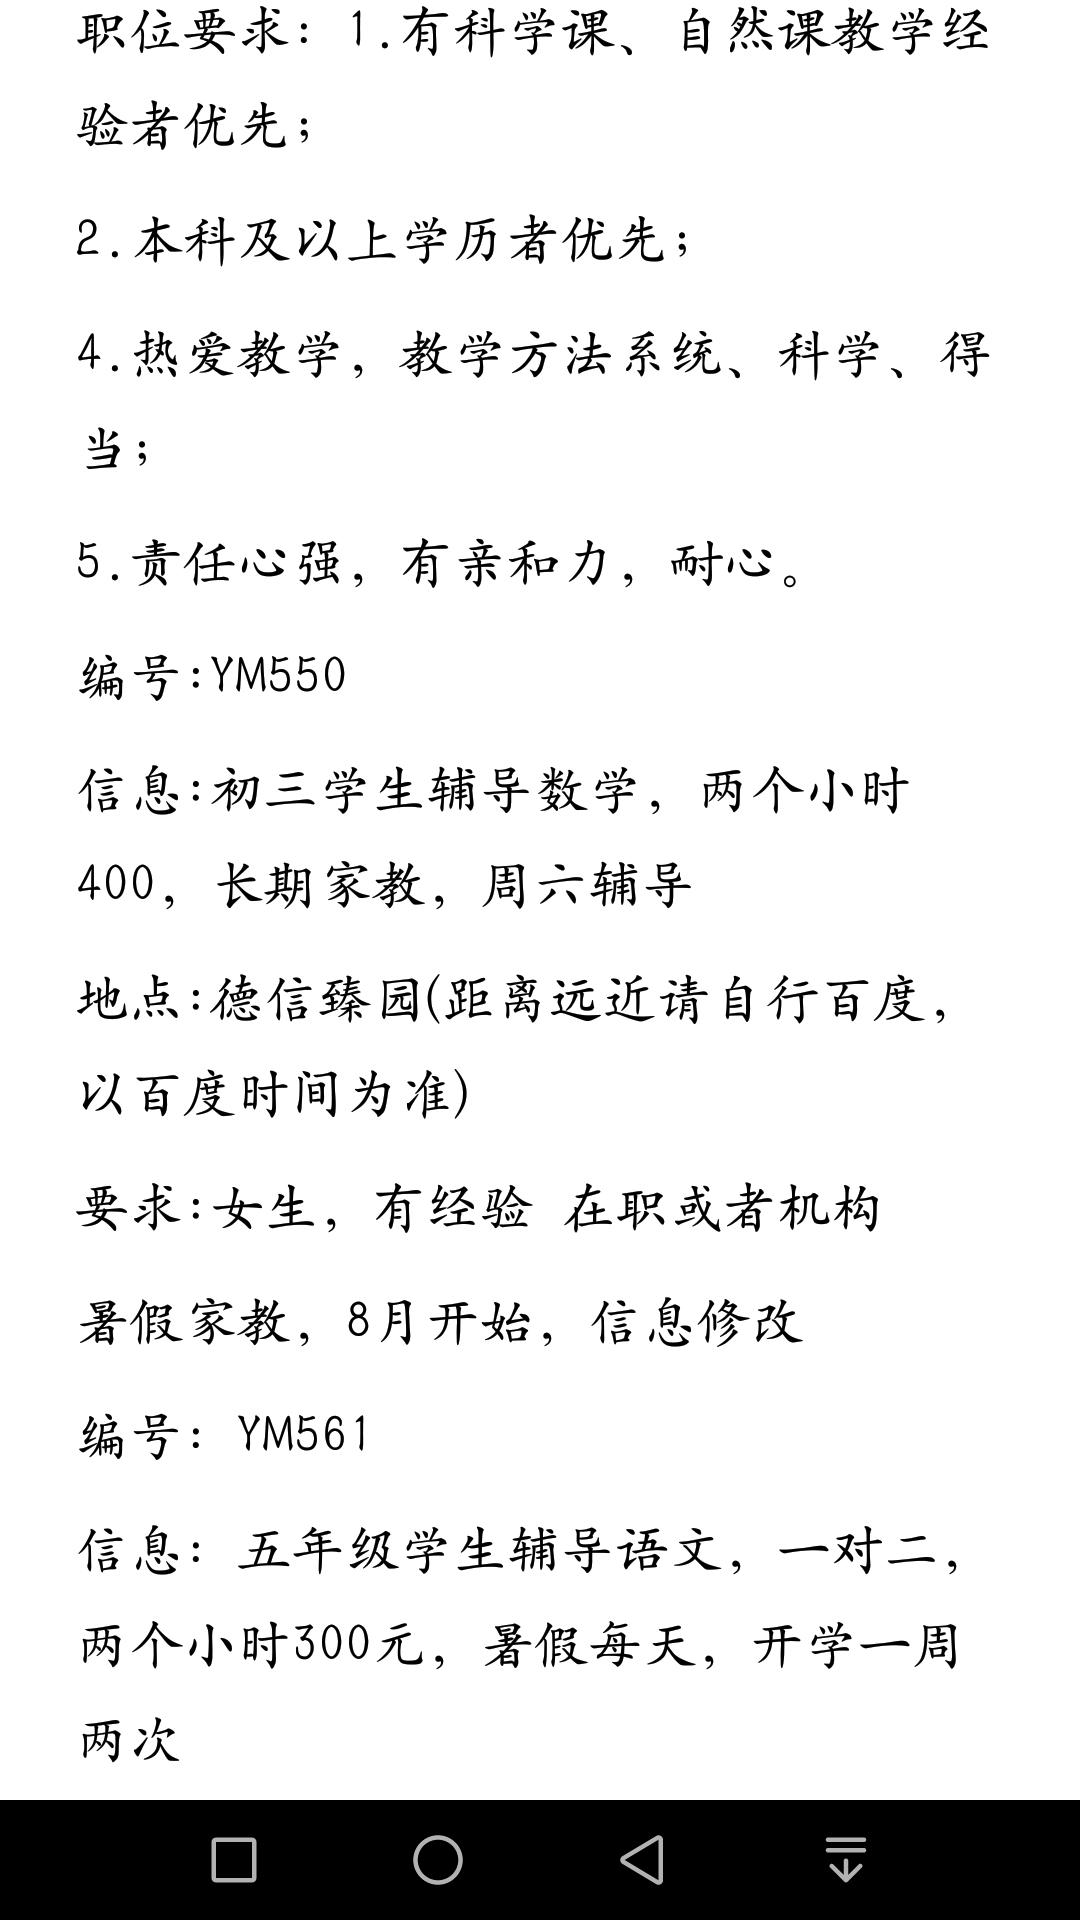 上海澳門凱旋門賭場注冊符老師